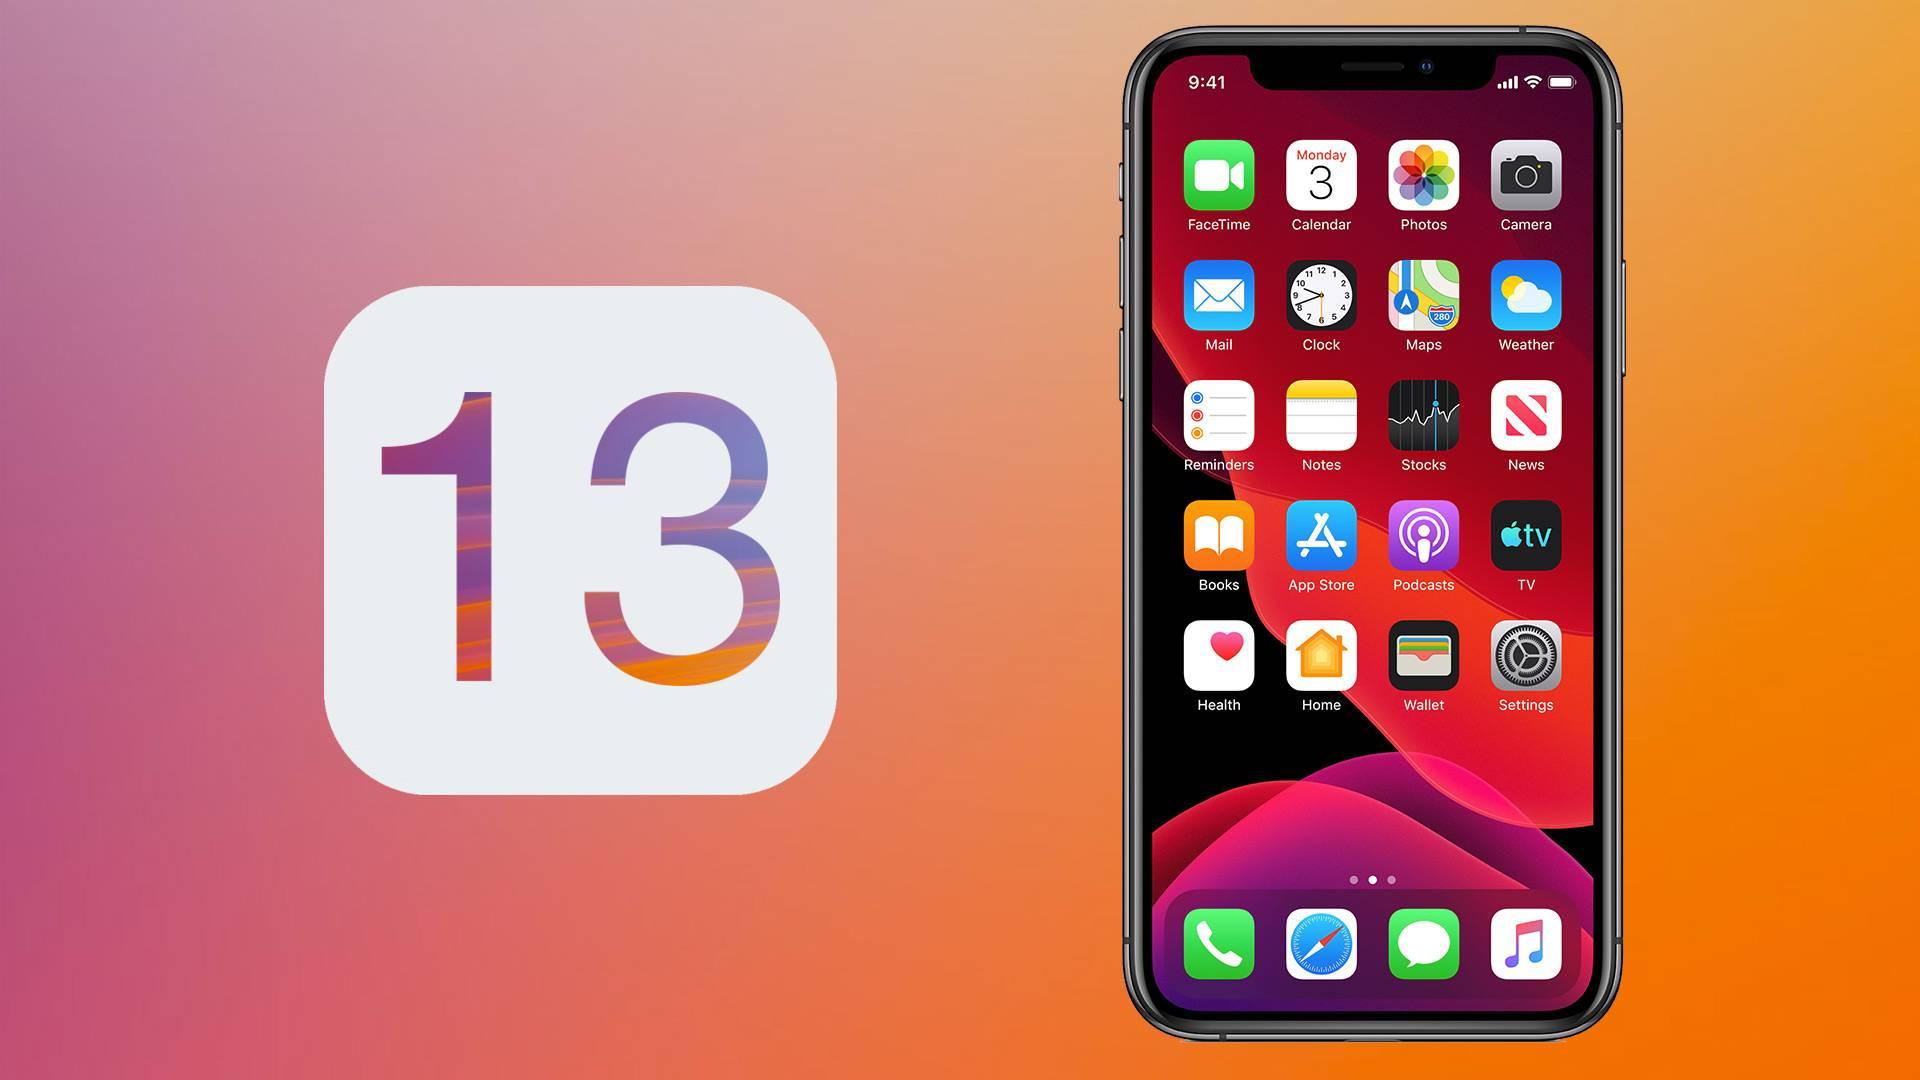 Cómo degradar iOS / iPadOS 13.1.3 a 13.1.2 (Guía completa)